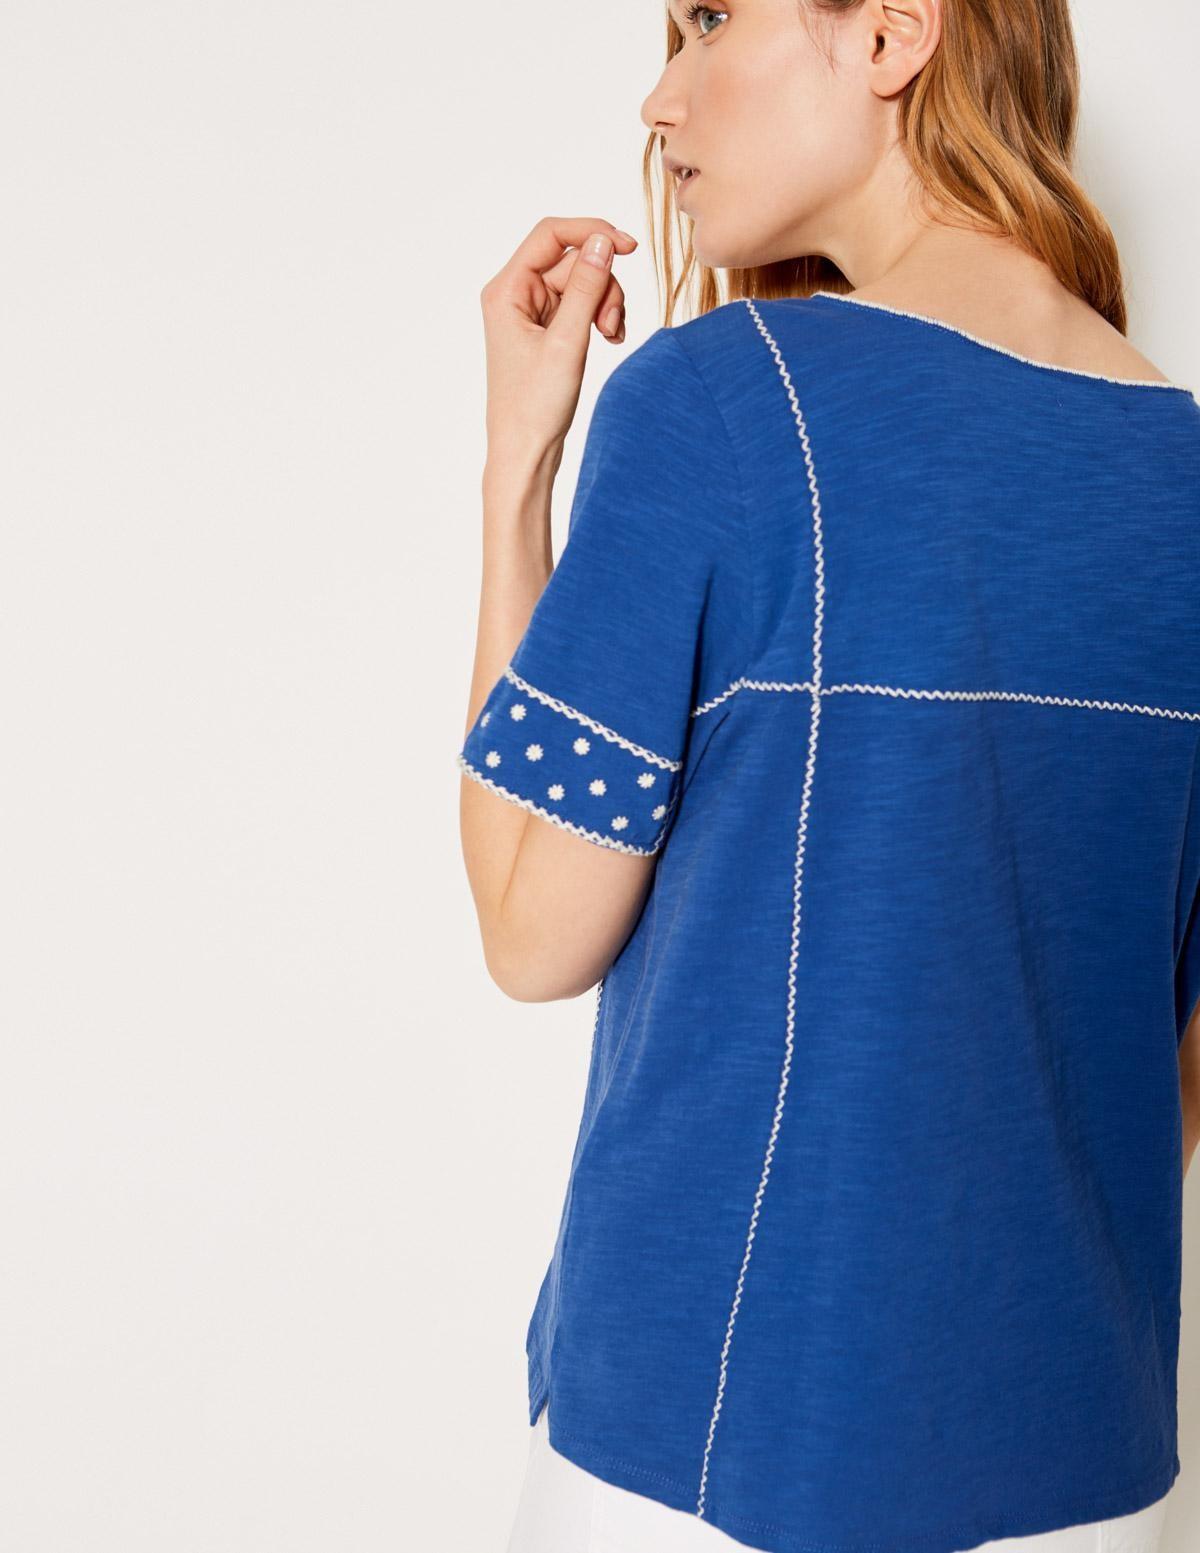 Camiseta bordada - Ítem2